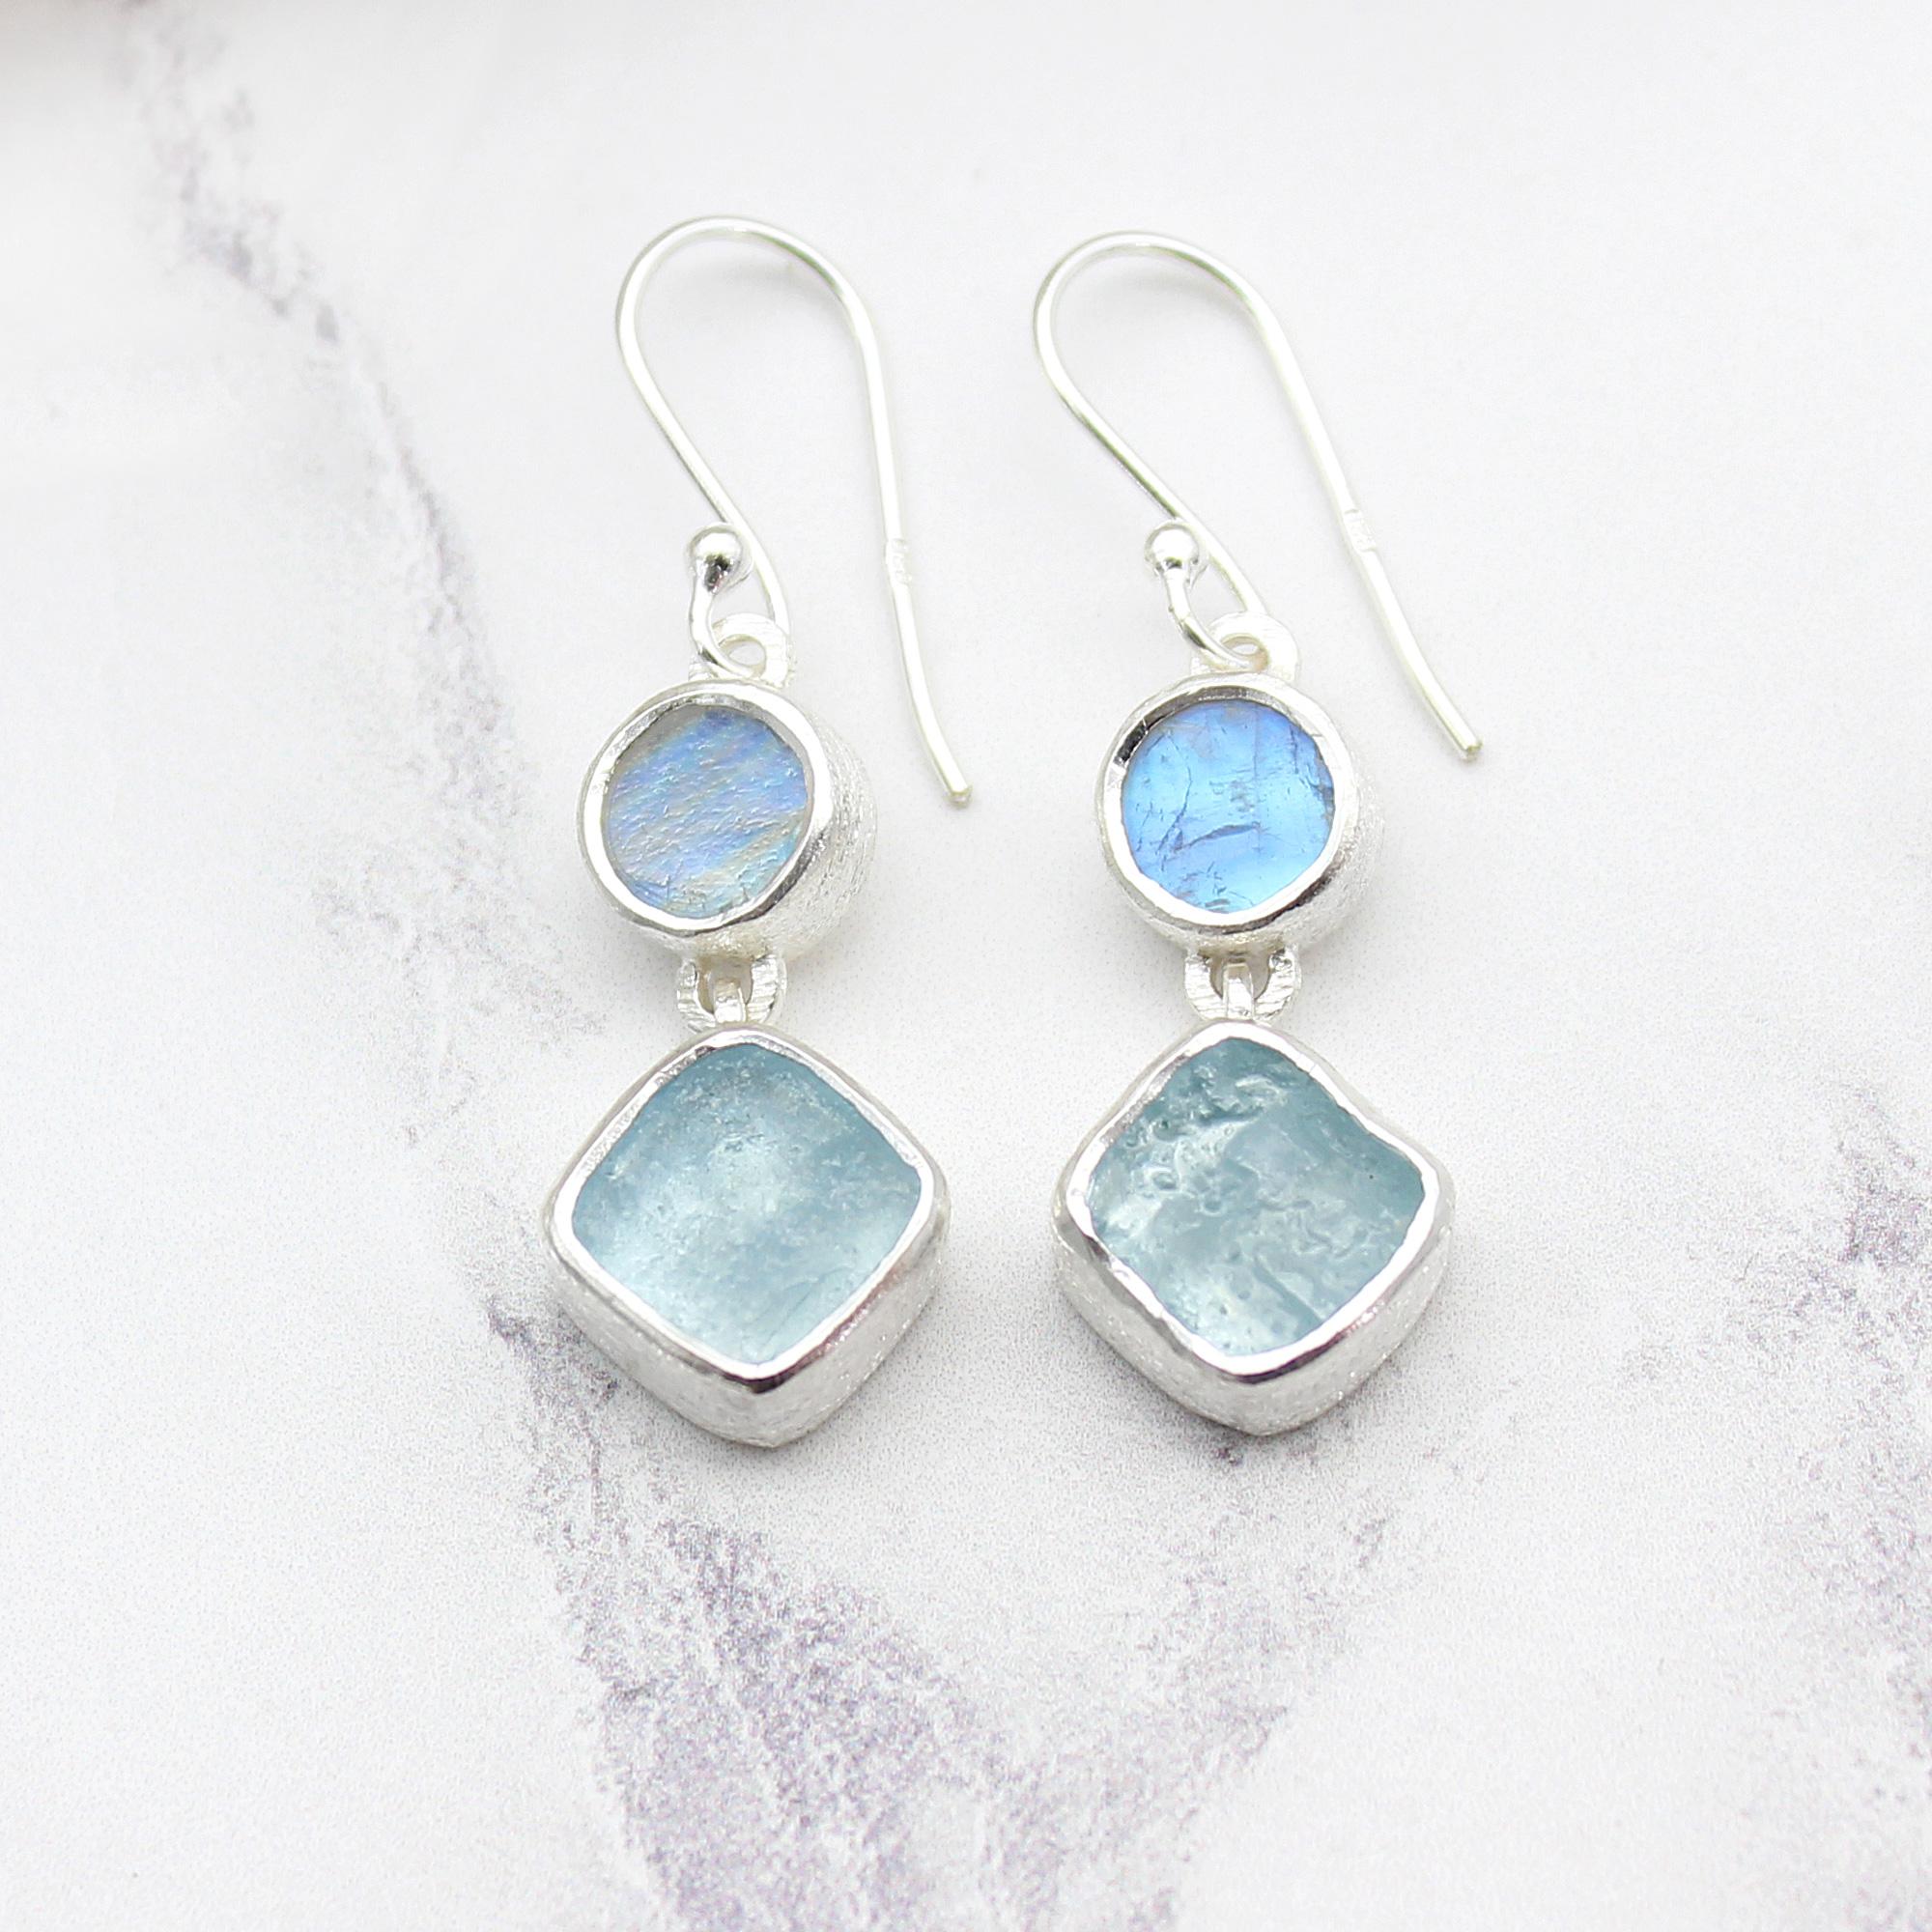 Handmade Aquamarine & Rainbow Moonstone Gemstone Sterling Silver Ladies Earrings